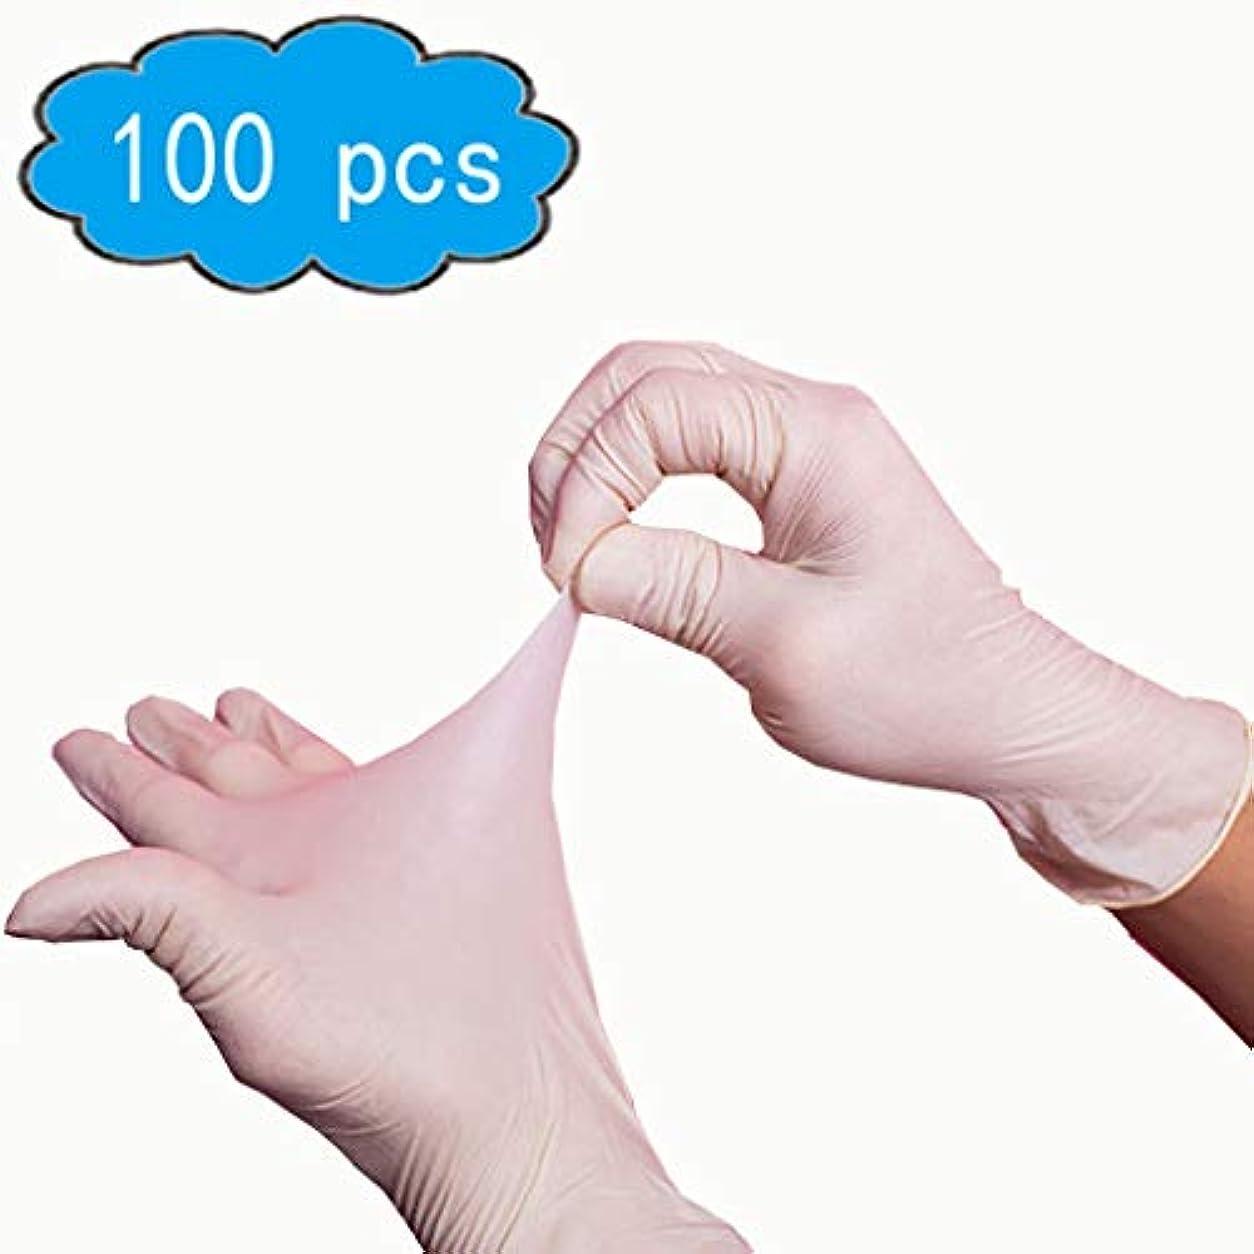 不健康どっち悲しいゴム手袋パウダーフリー/使い捨て食品調理用手袋/キッチンフードサービスクリーニンググローブサイズミディアム、100個入り、応急処置用品、サニタリー手袋 (Color : White, Size : L)